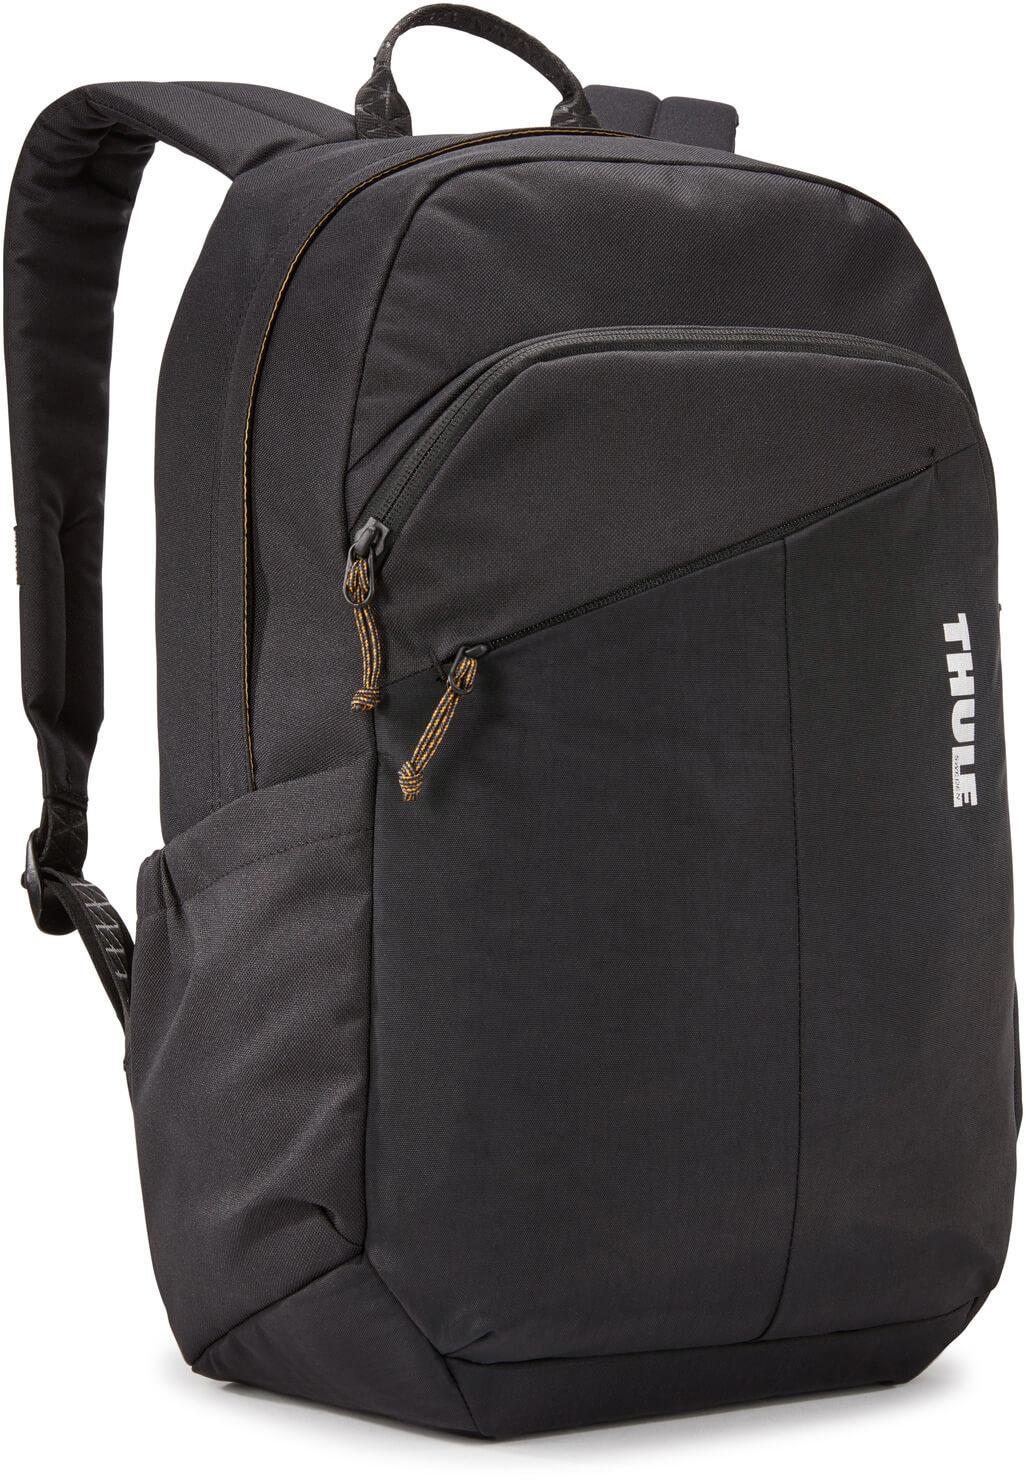 Городские рюкзаки Thule Рюкзак Thule Indago Backpack 23l 3204313.jpg